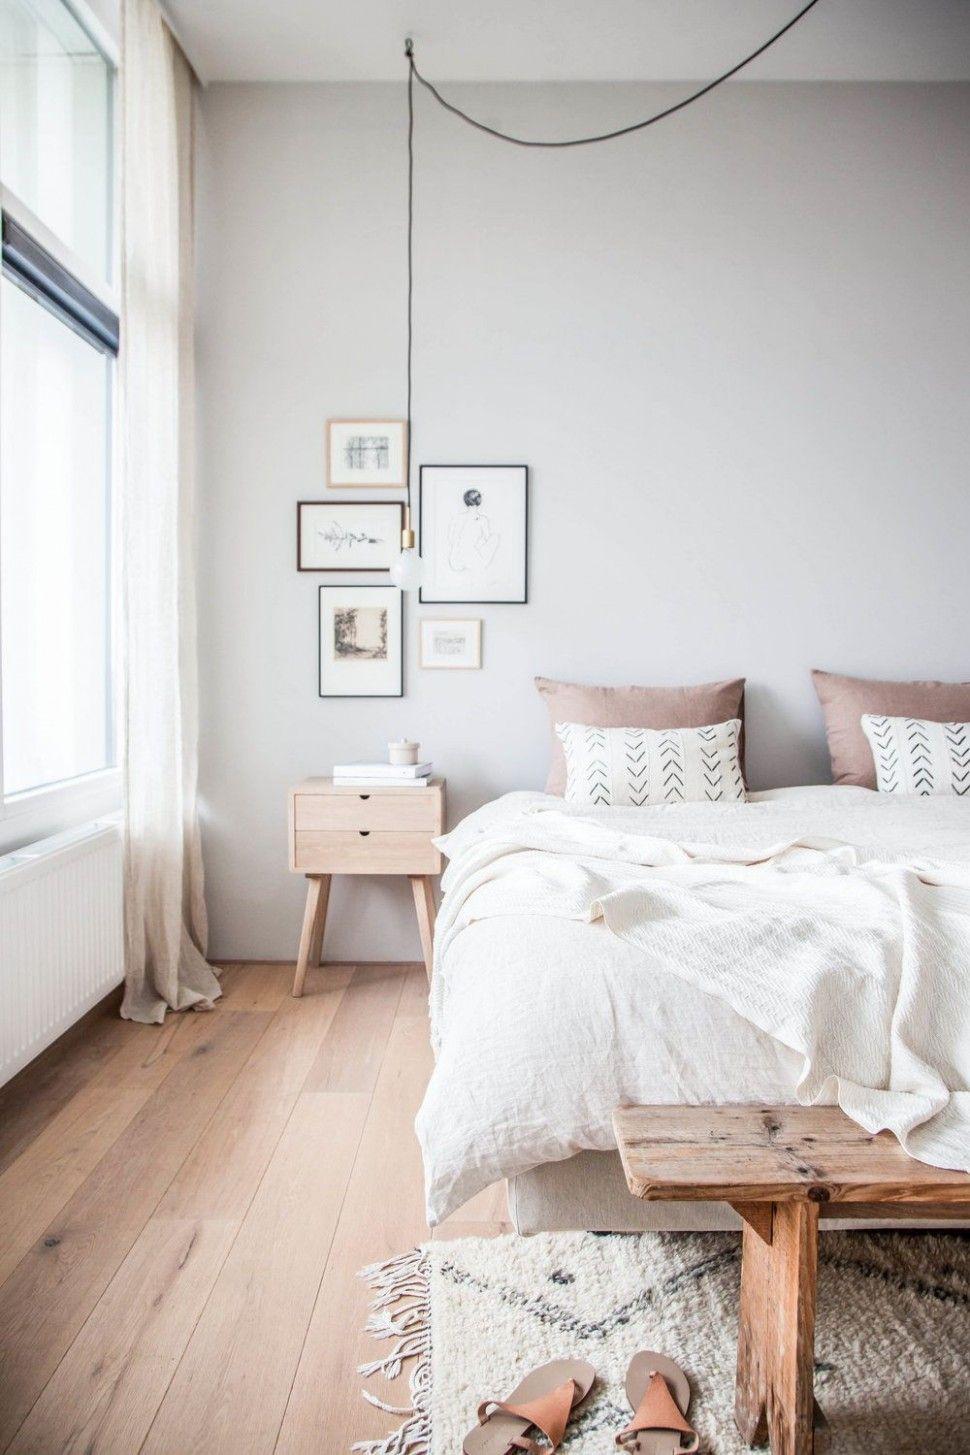 Light Grey Bedroom Wall Paint In 2020 Bedroom Interior Bedroom Color Schemes Home Decor Bedroom